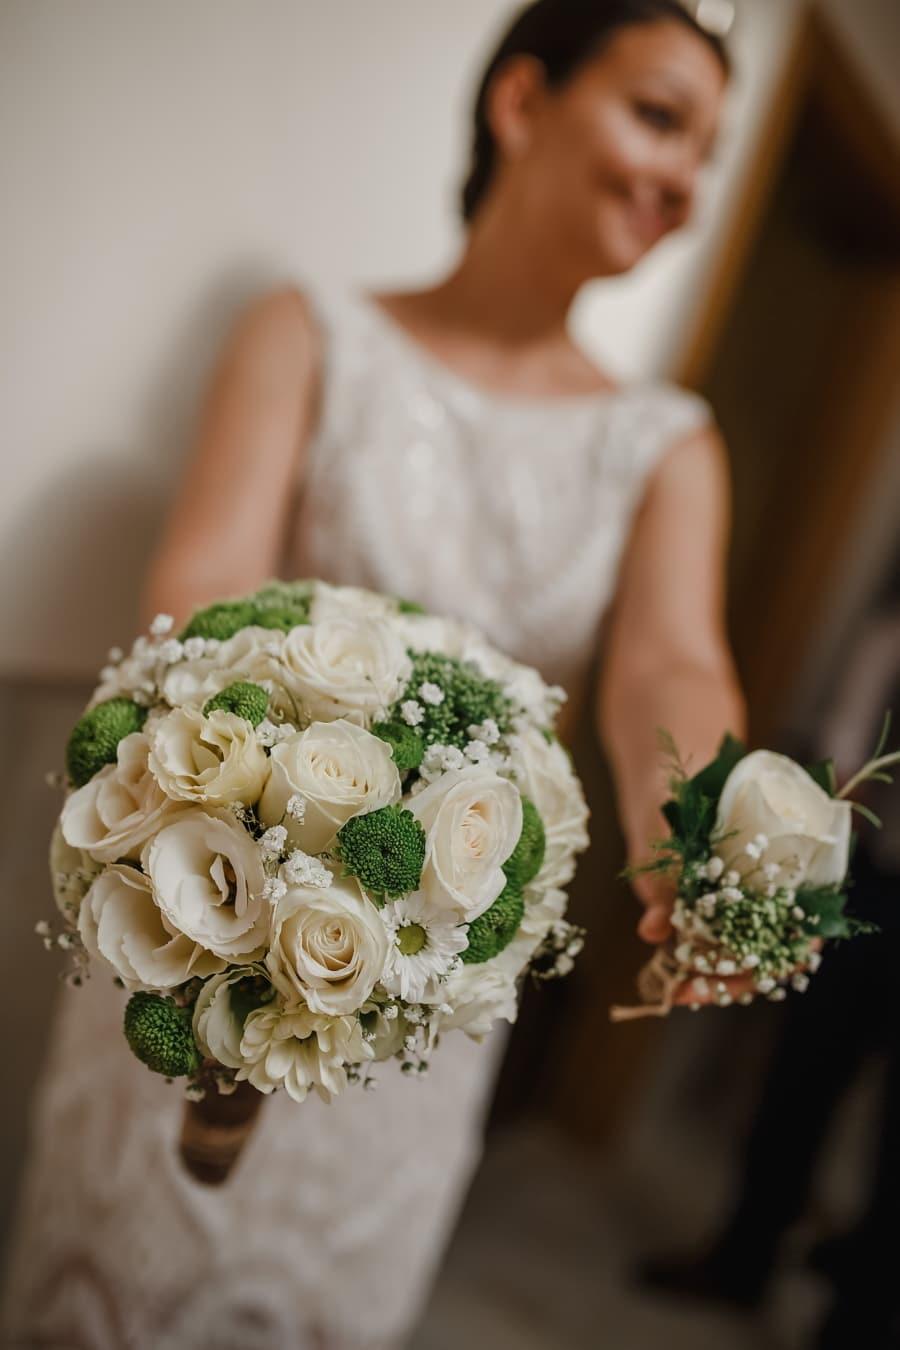 lady, innehav, bröllop bukett, gift med, bröllop, bruden, bukett, blommor, Kärlek, äktenskap